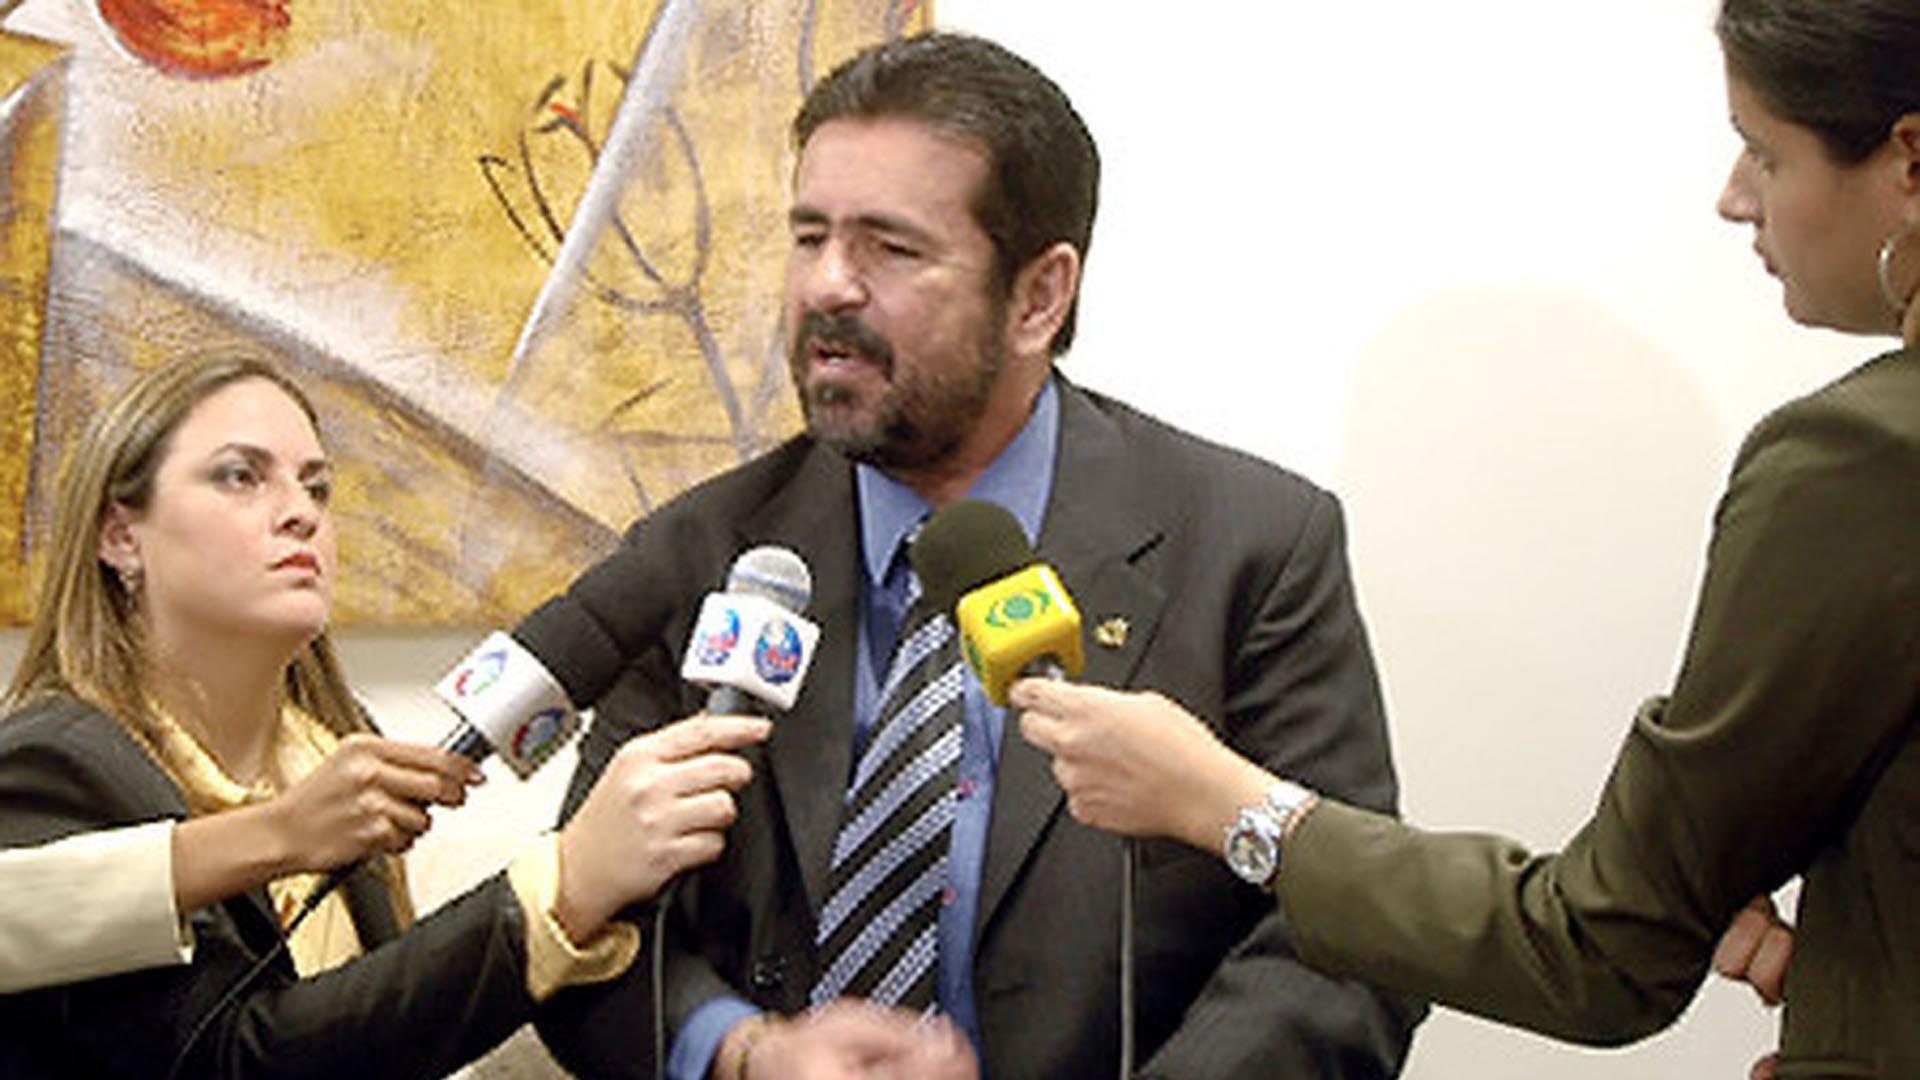 Wallace Souza fue acusado de matar al menos a cinco personas para presentar sus casos en su programa de televisión Canal Livre de Brasil Foto: Archivo